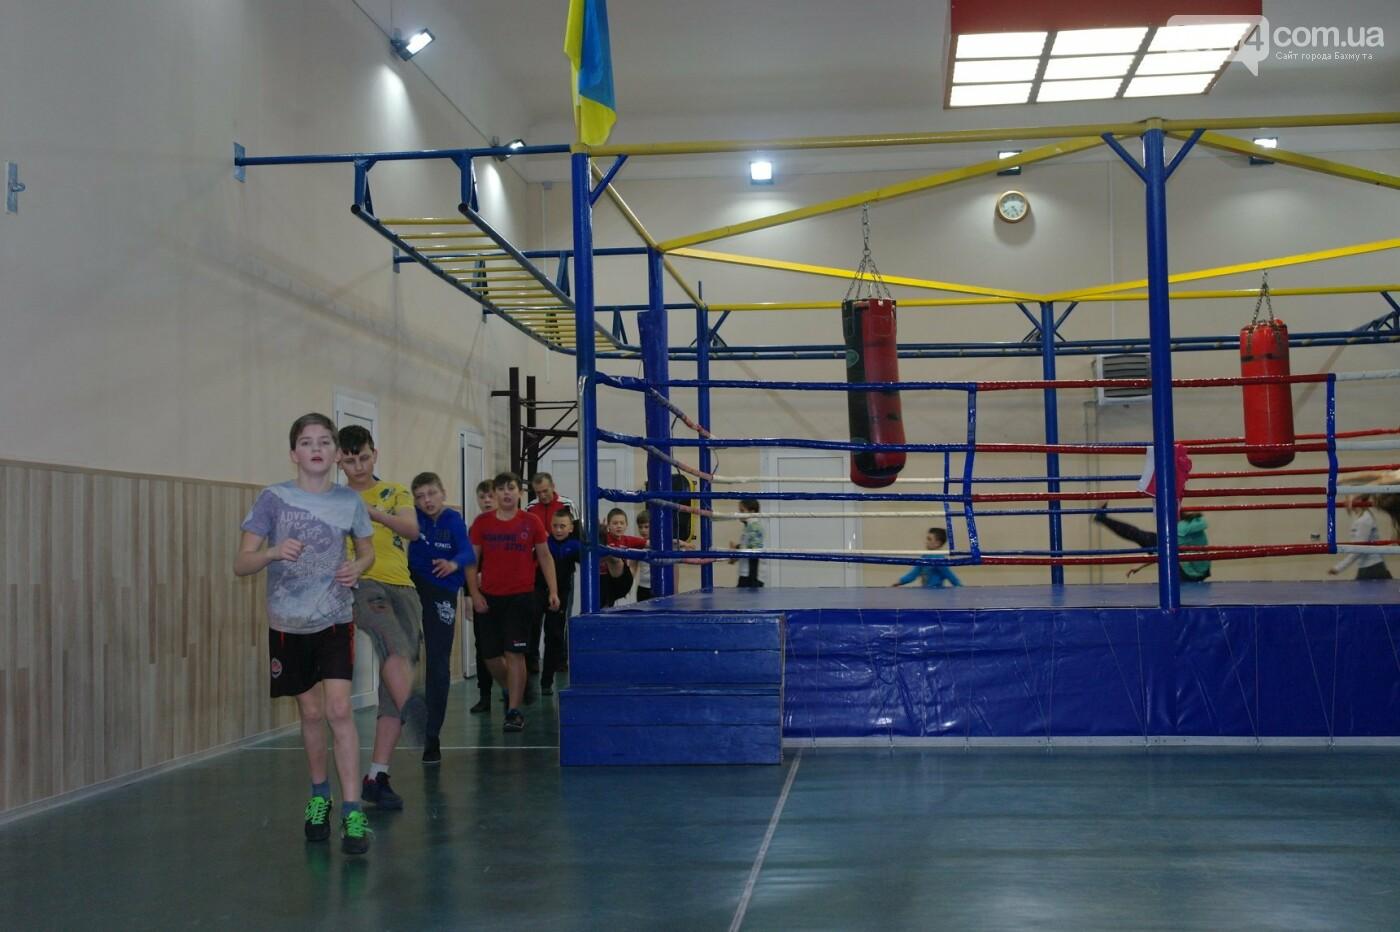 Одна из родительниц спортсменки рассказала о том, что происходит в спортзале секции по кикбоксингу, фото-3